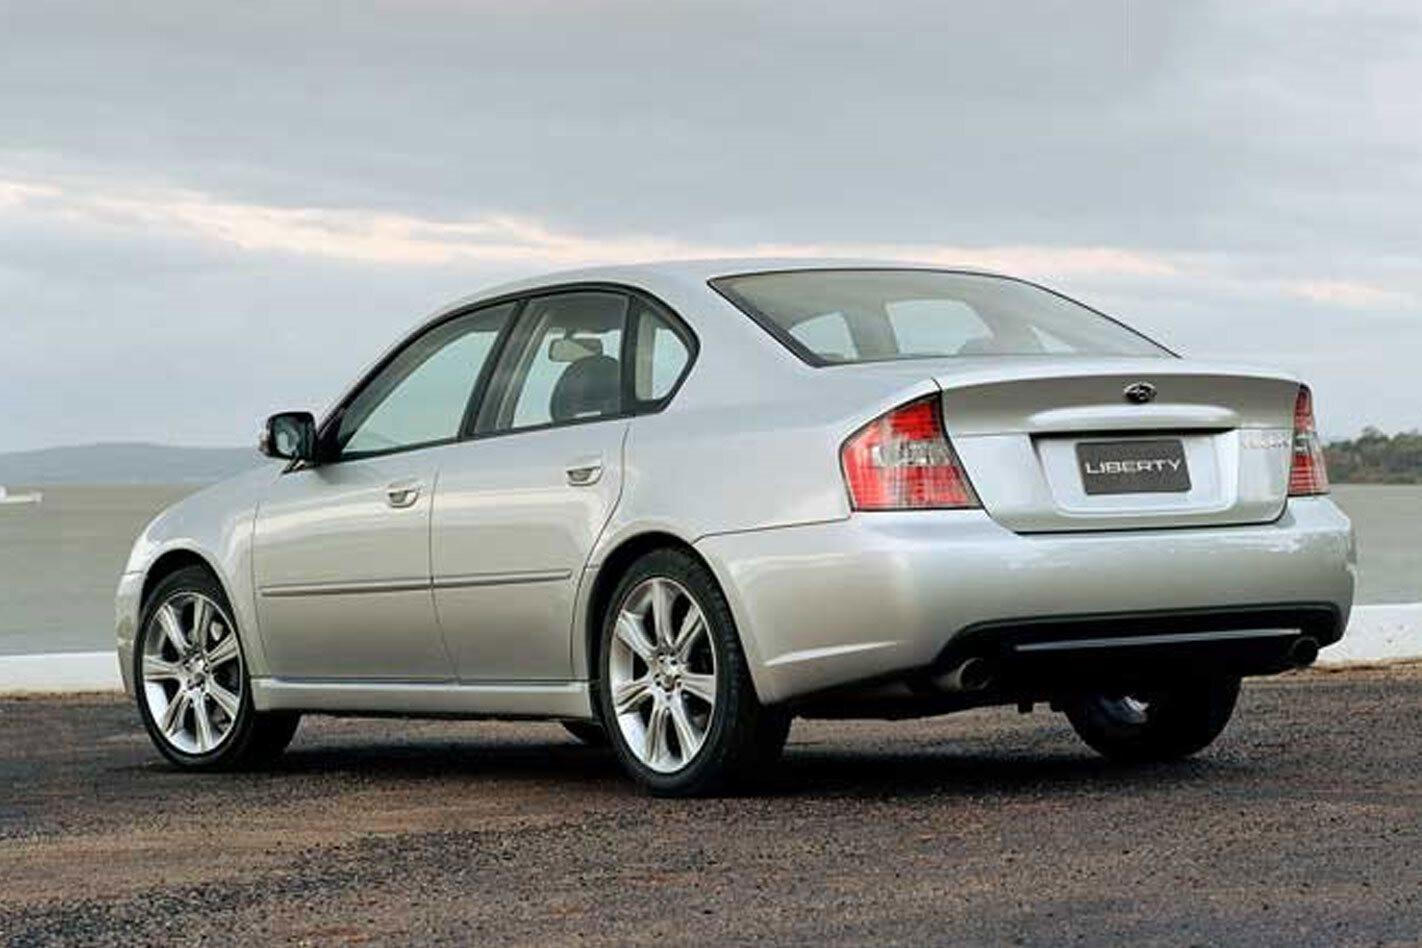 Goodbye Subaru Liberty